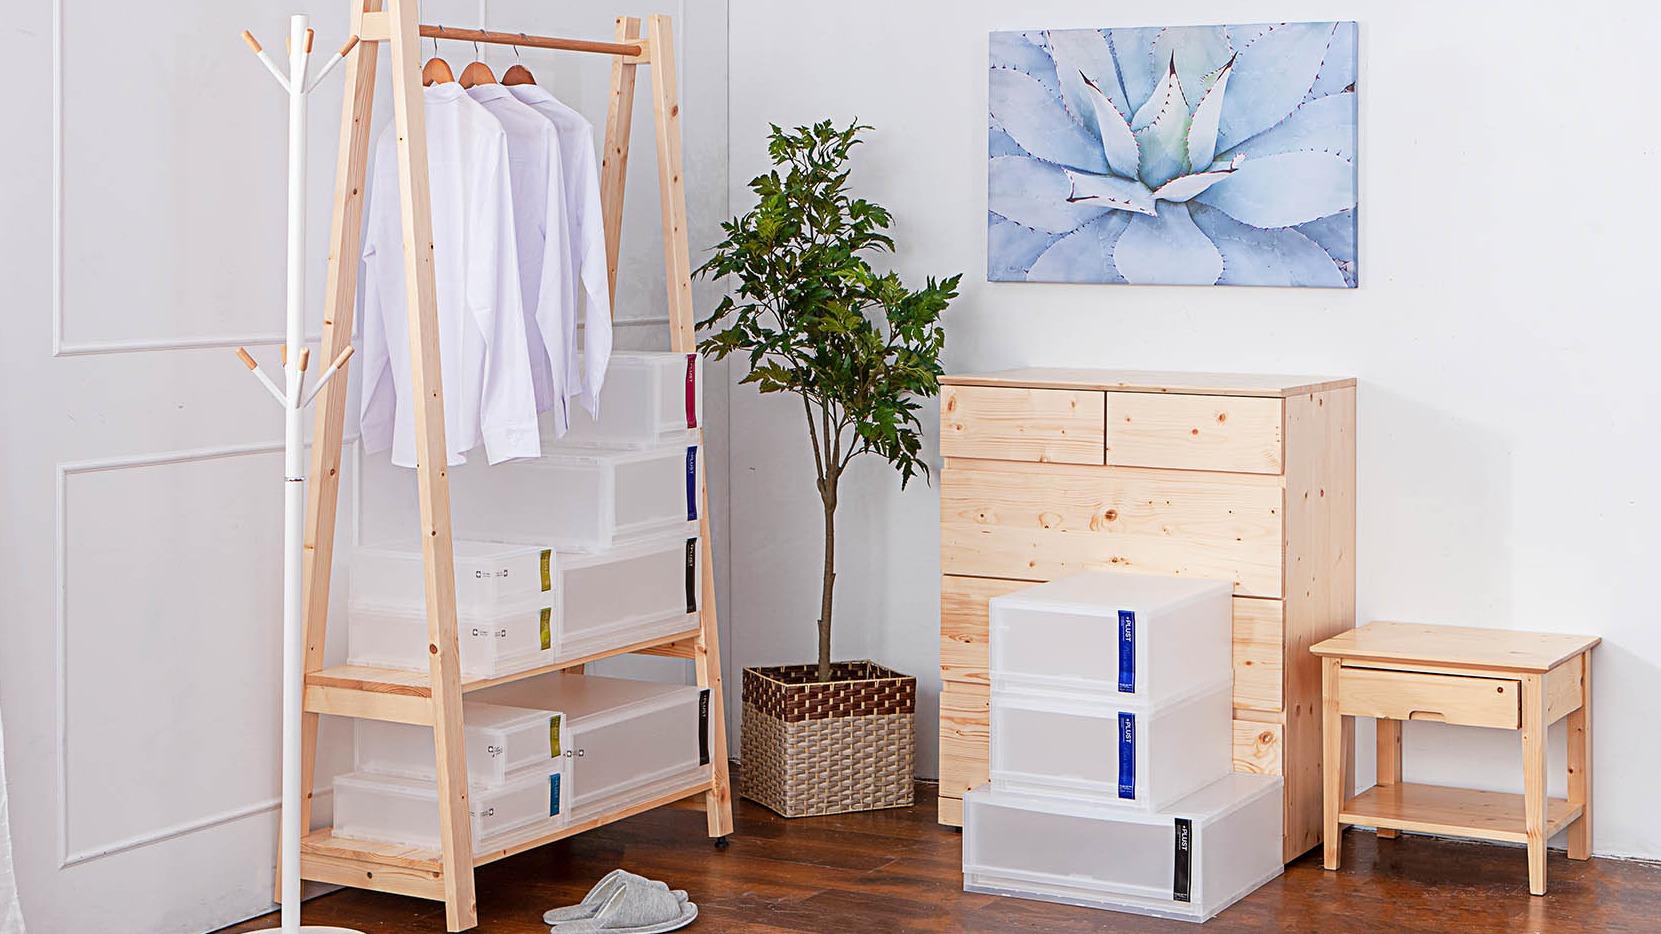 夏季收納妙招,擺脫凌亂衣櫃,生活也能整潔清爽